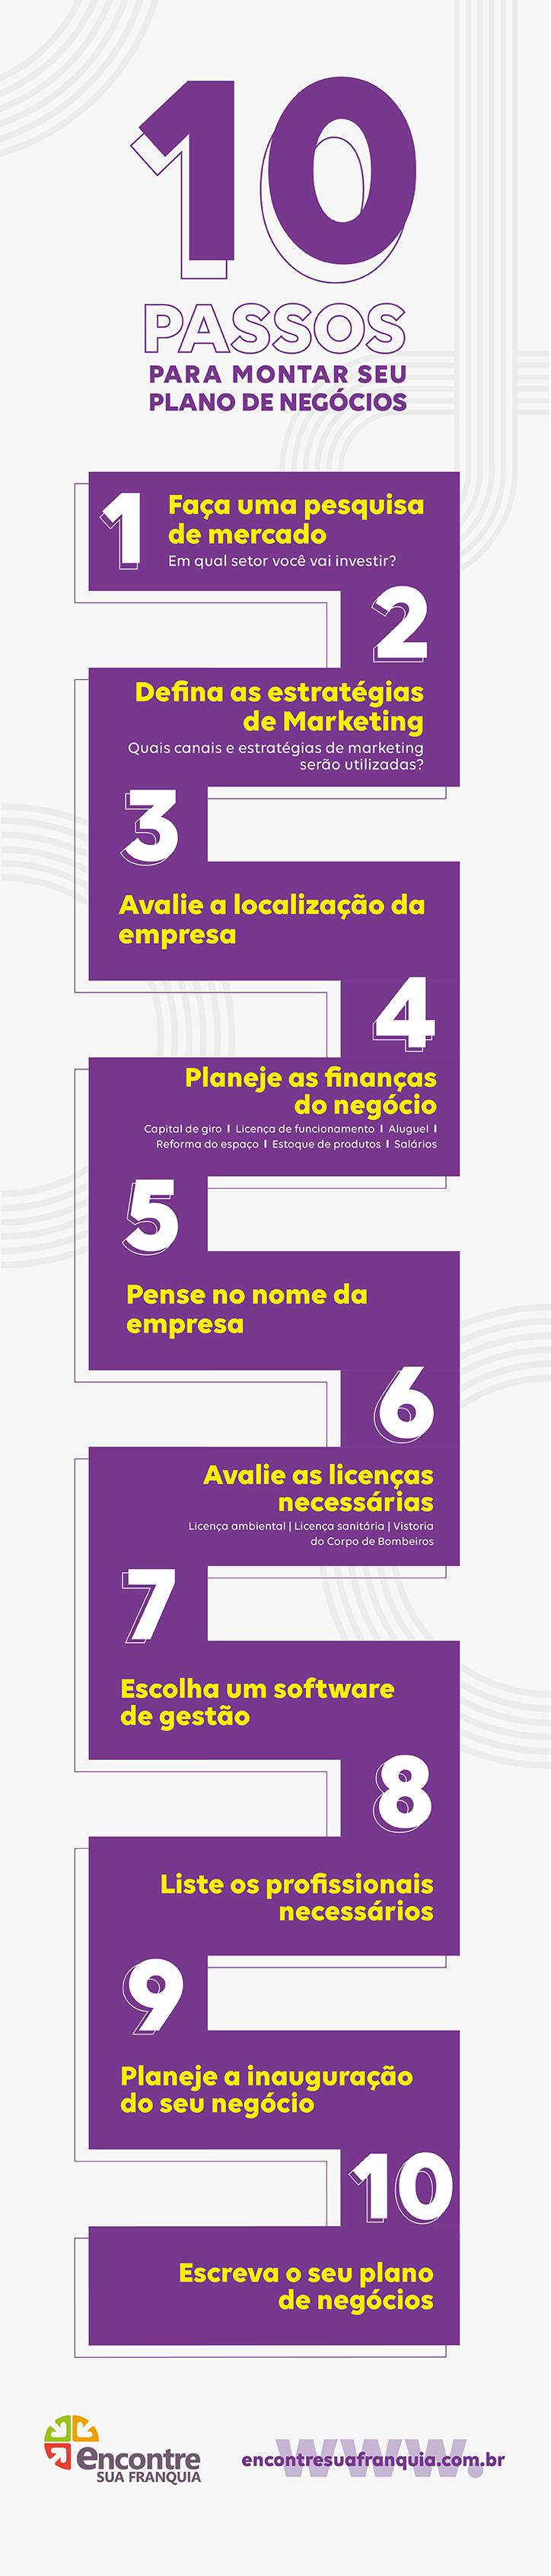 infografico plano de negocios